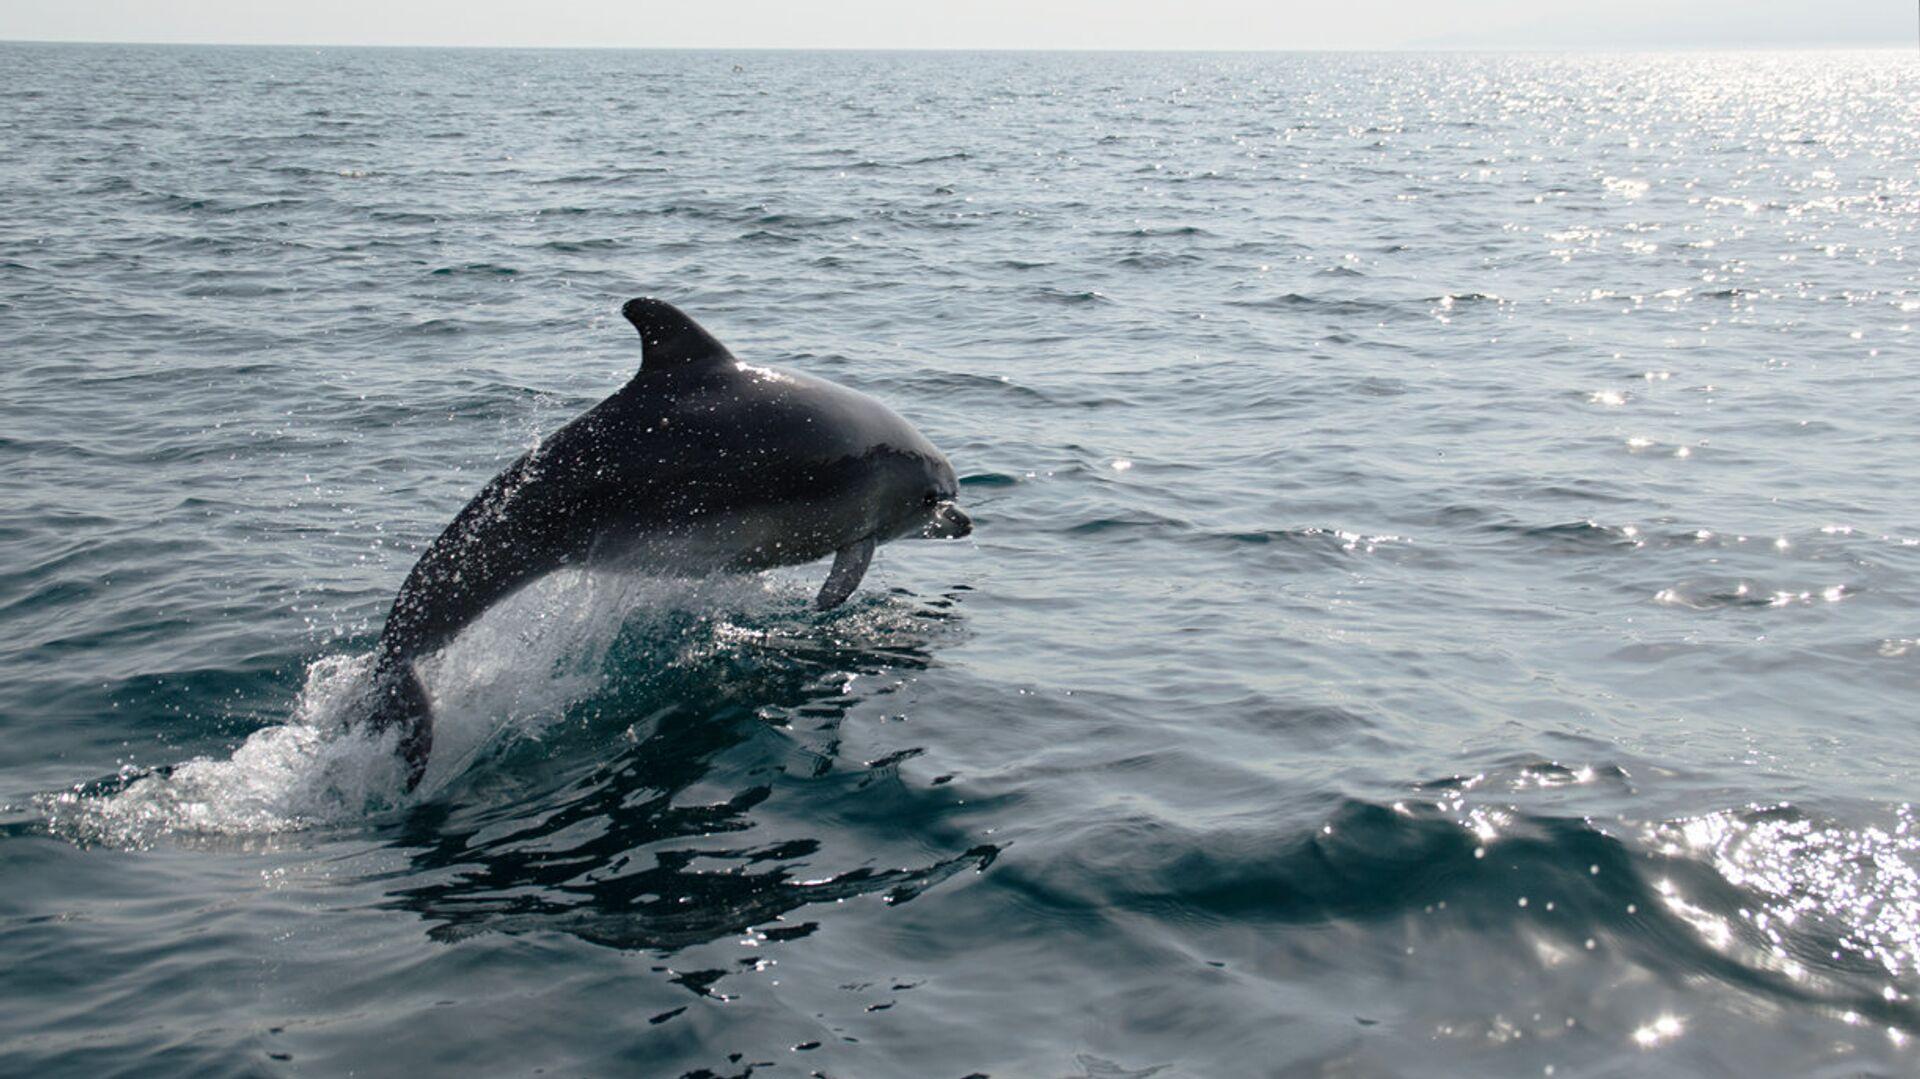 Дельфин в Черном море - РИА Новости, 1920, 14.09.2021